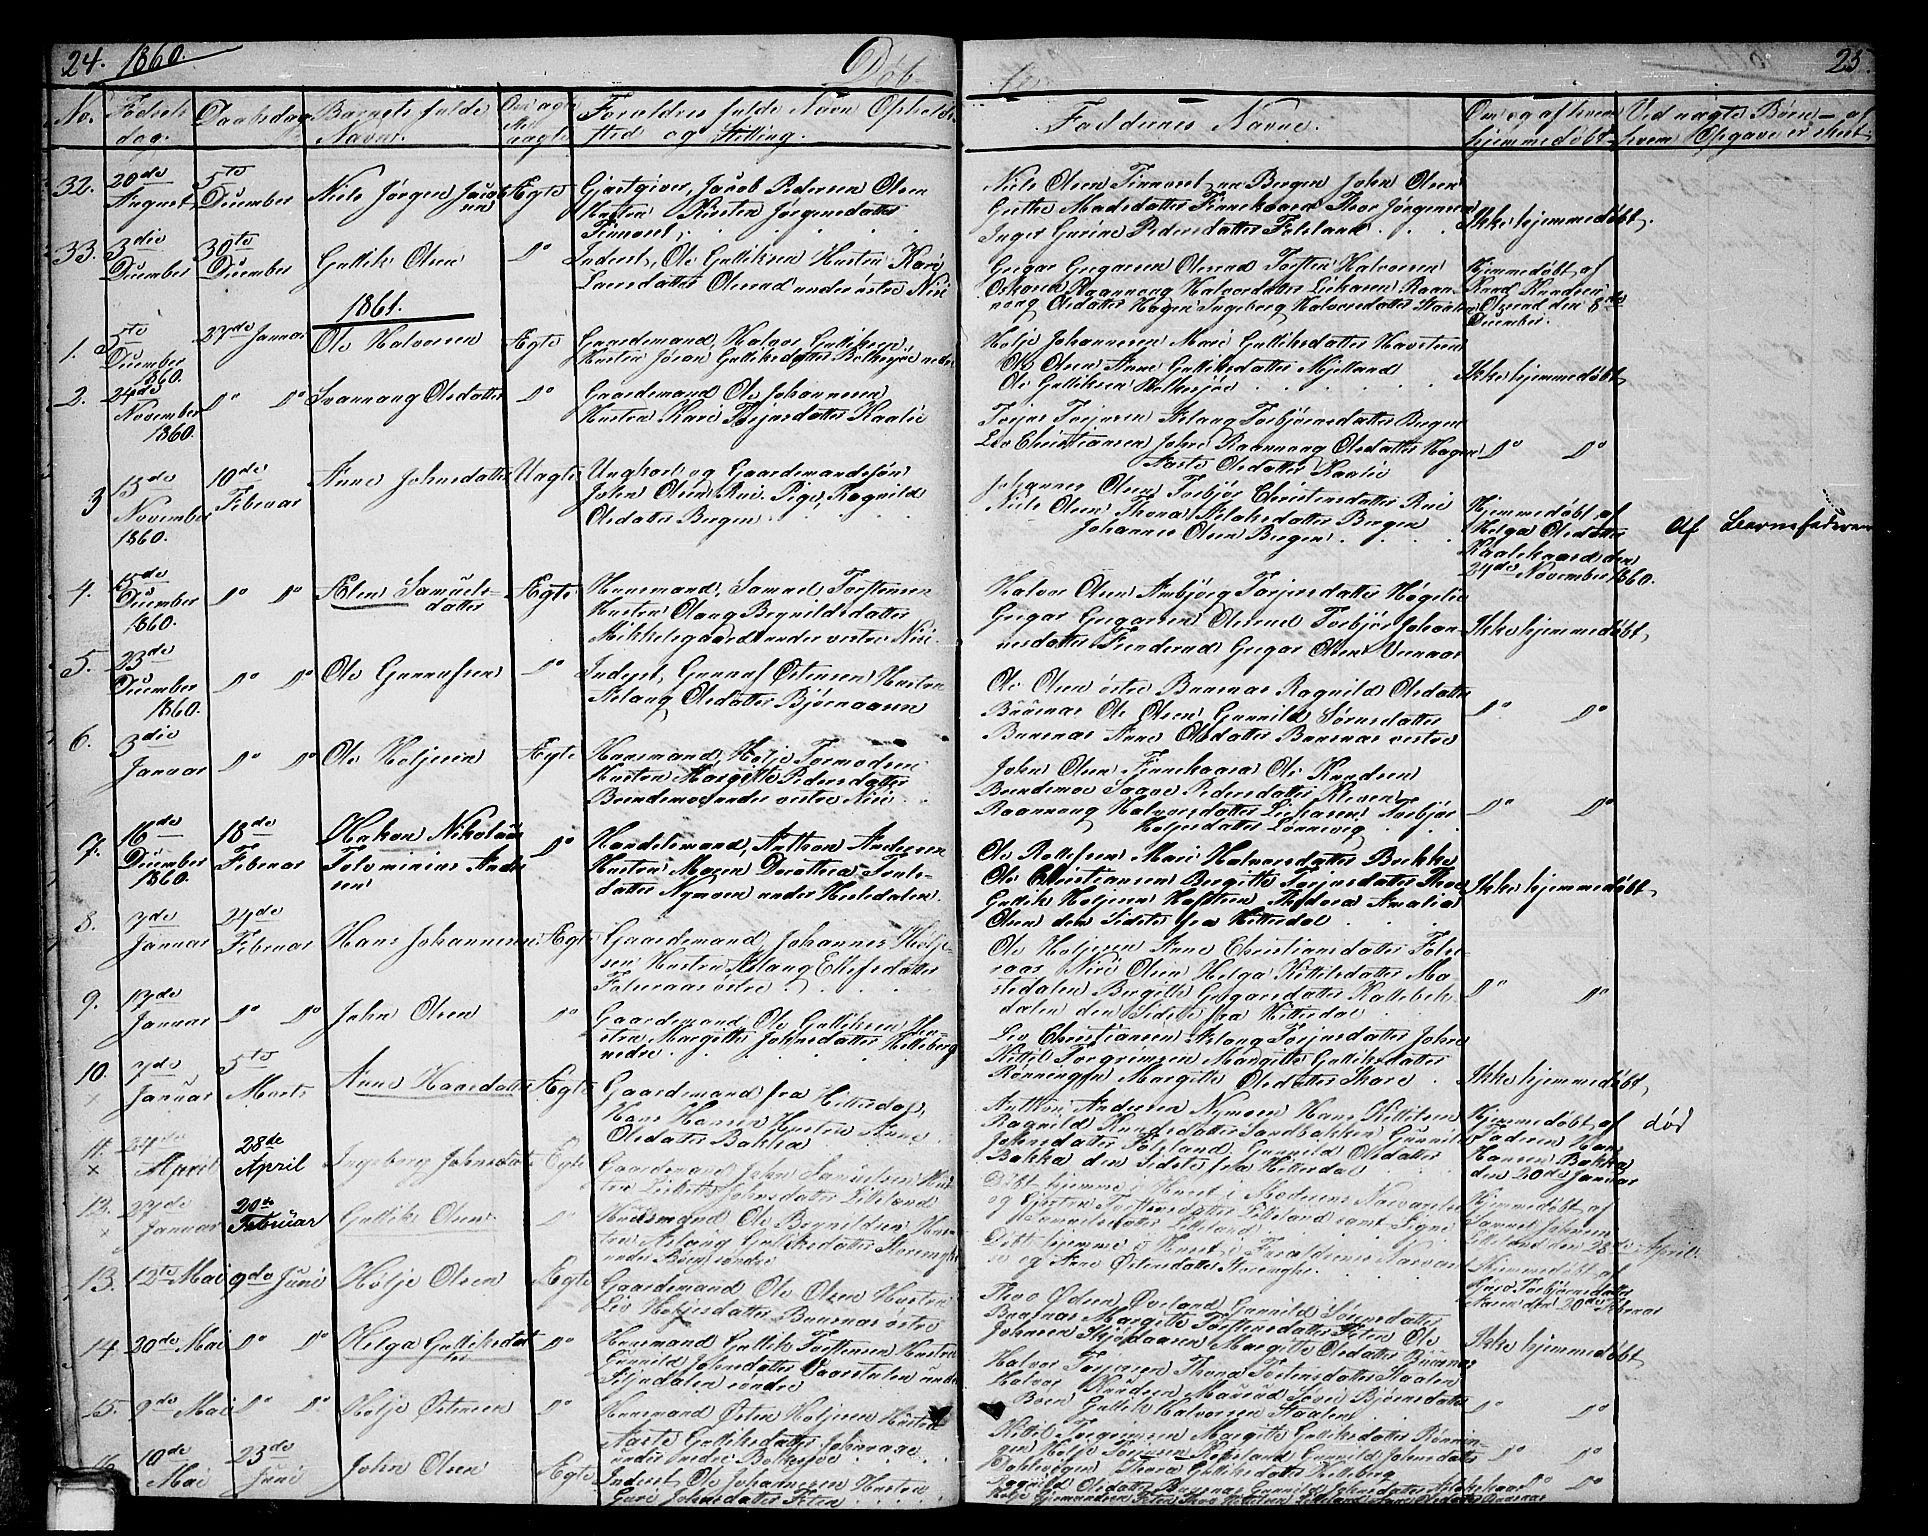 SAKO, Gransherad kirkebøker, G/Ga/L0002: Klokkerbok nr. I 2, 1854-1886, s. 24-25